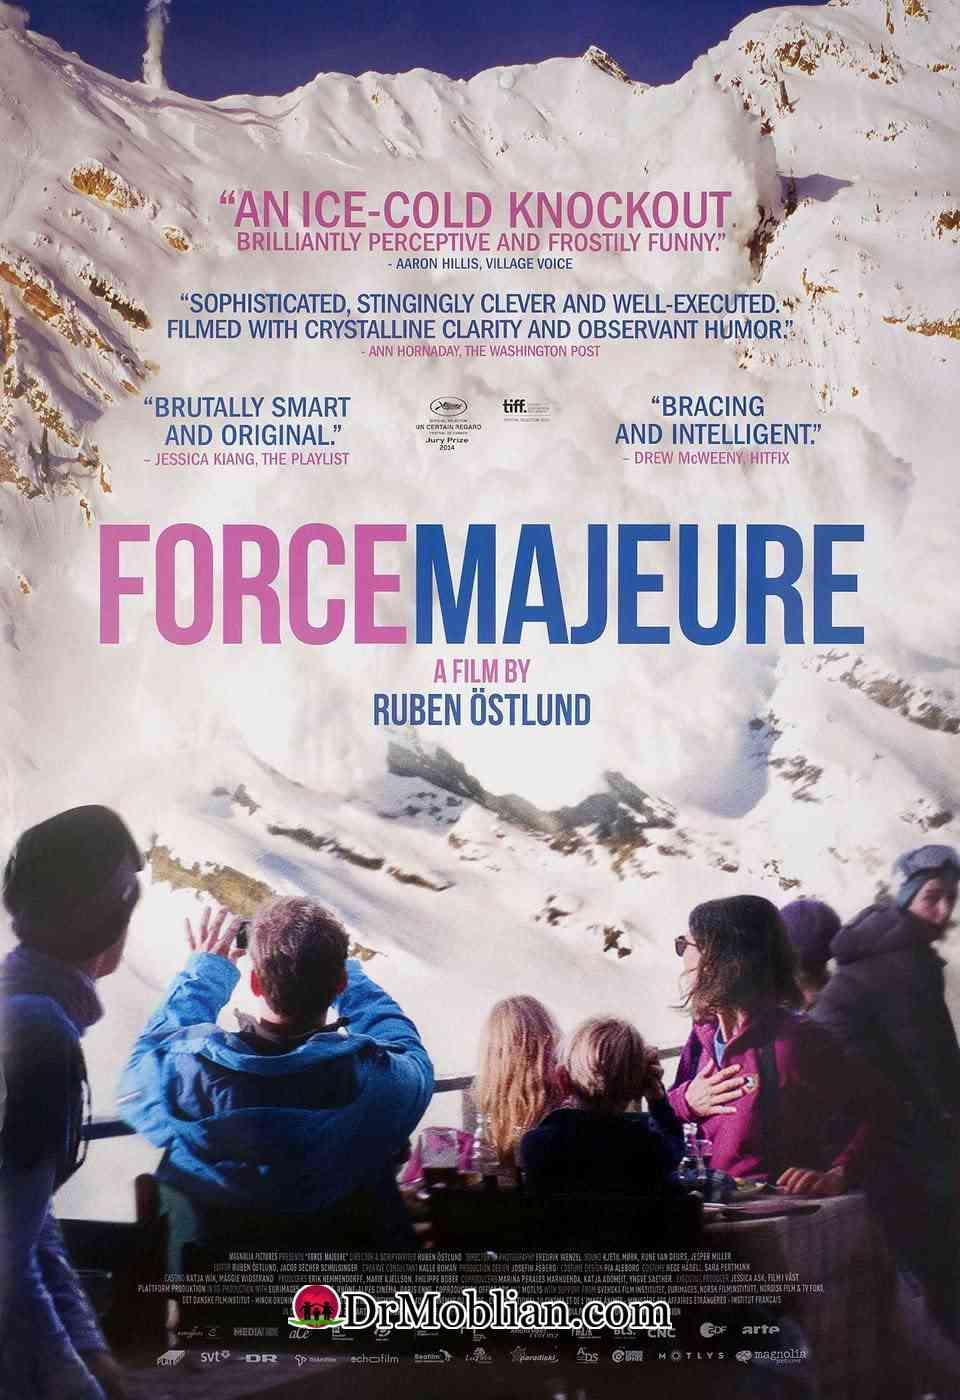 تحلیل و بررسی روانشناختی فیلم force majeure